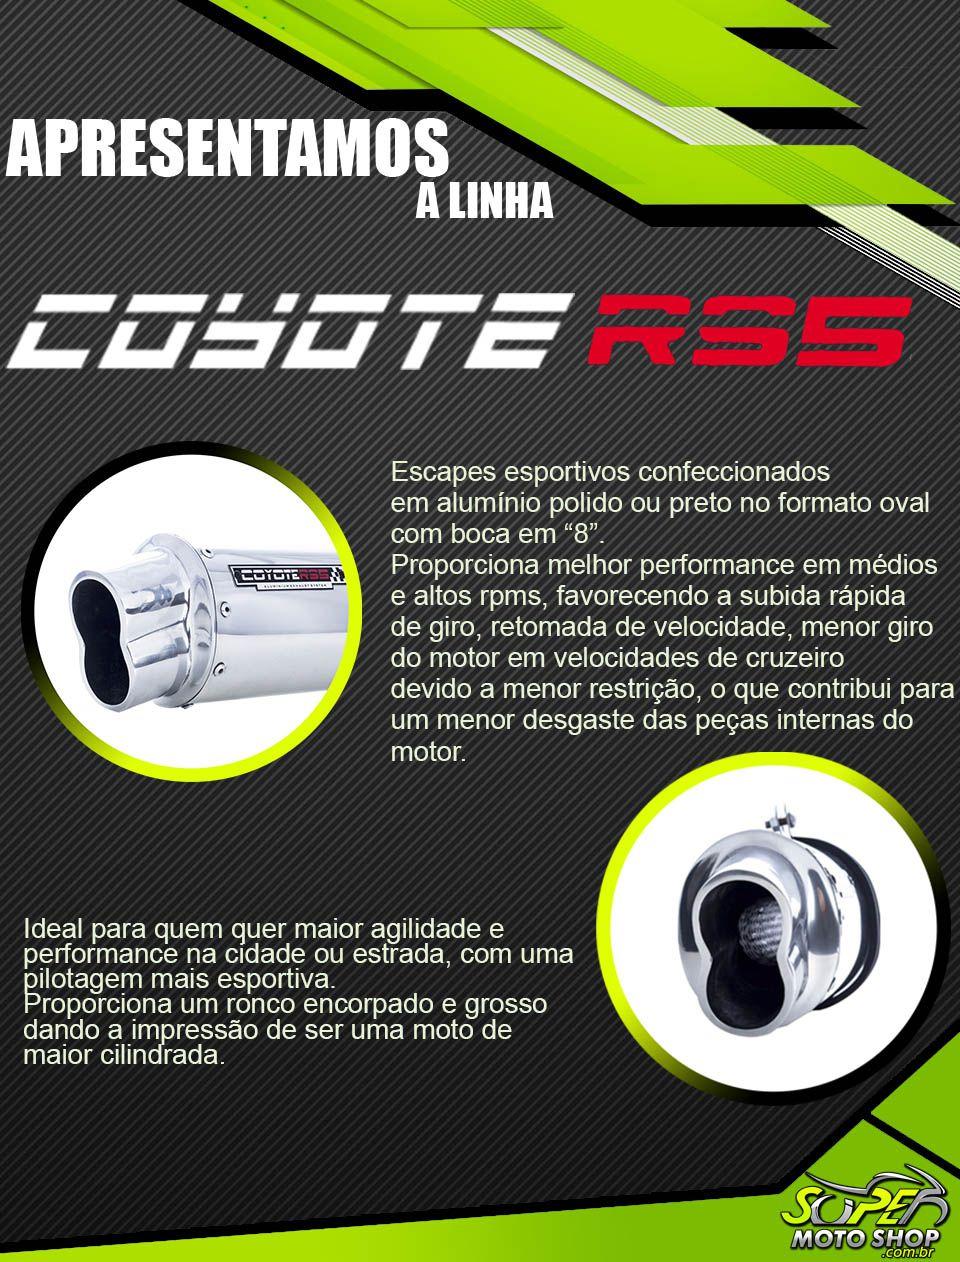 Escape / Ponteira Coyote RS5 Boca 8 Aluminio Oval - Strada CBX 200 1998 até 2002 - Honda